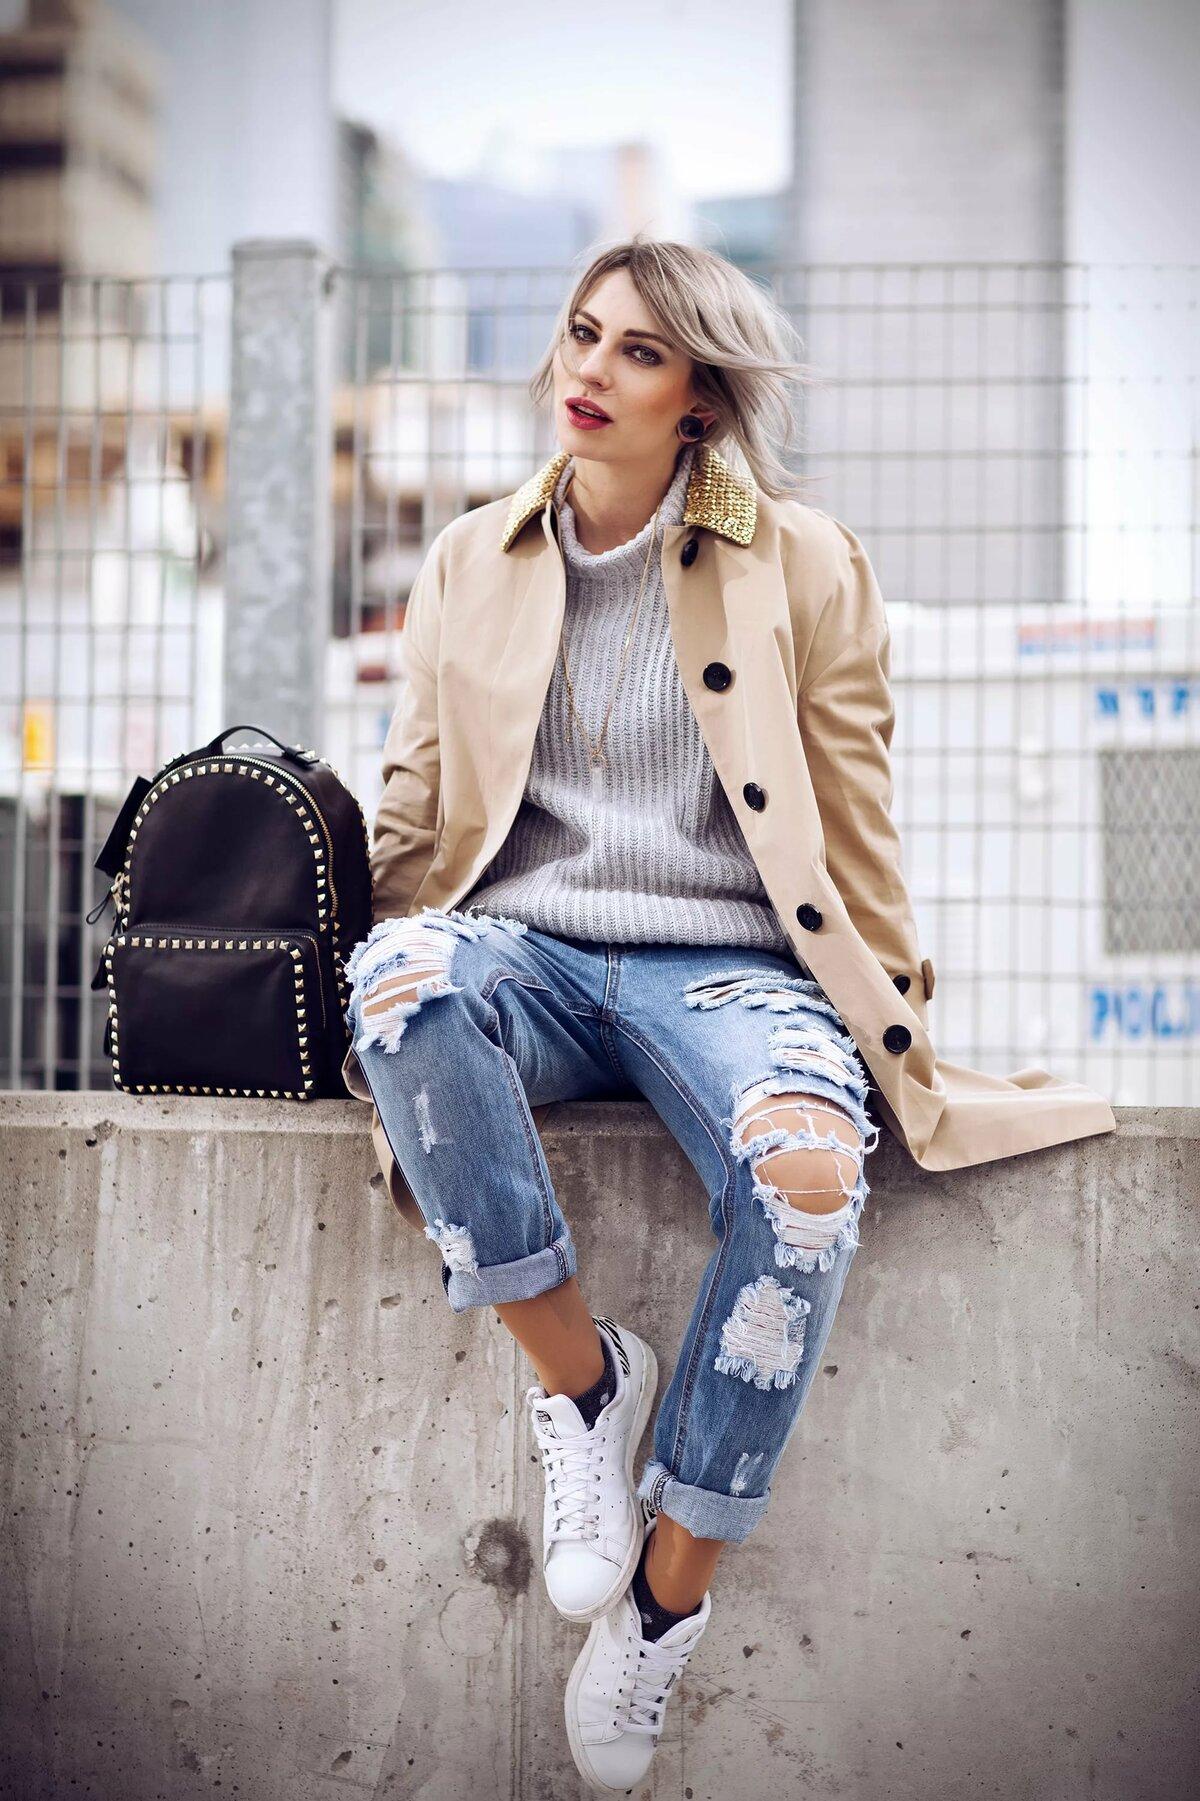 Женская повседневная одежда: какой она должна быть